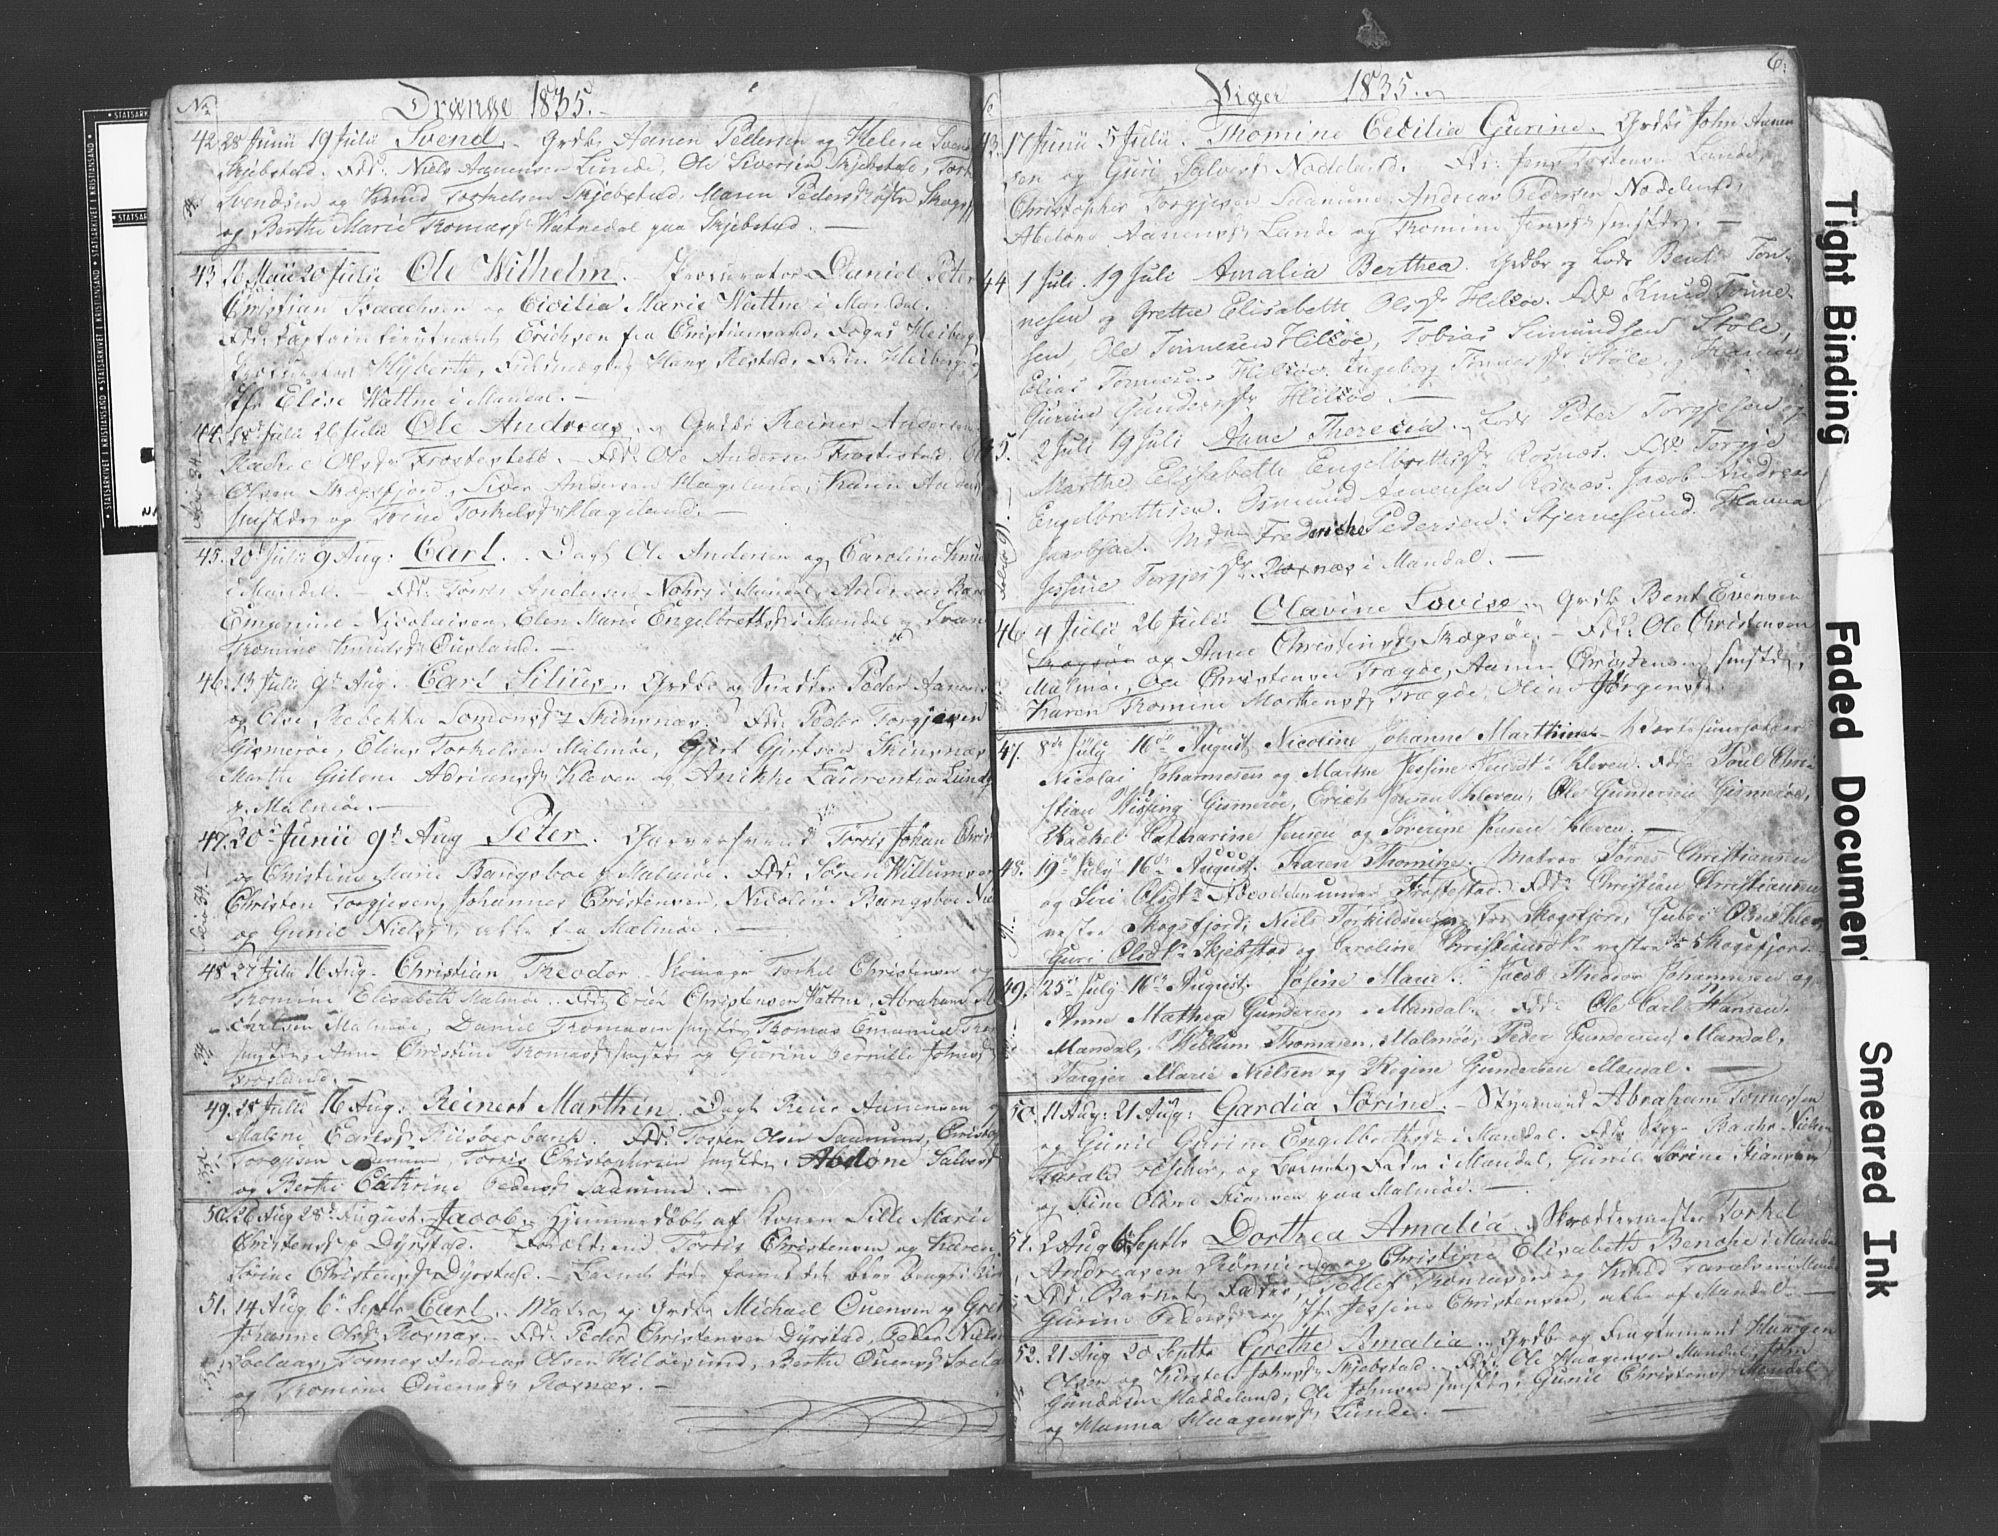 SAK, Mandal sokneprestkontor, F/Fb/Fba/L0003: Klokkerbok nr. B 1C, 1834-1838, s. 6